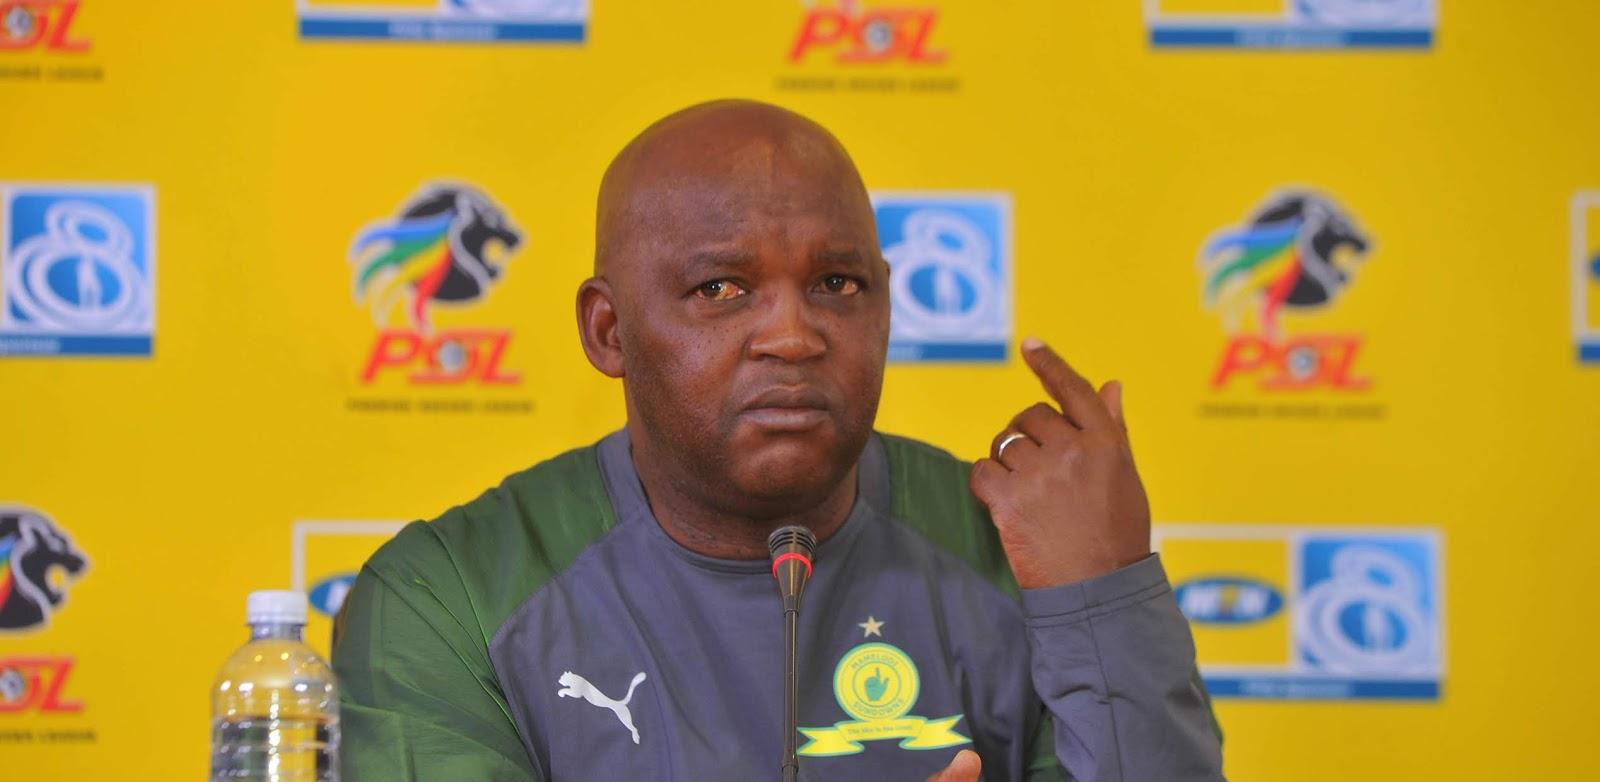 Mamelodi Sundowns head coach Pitso Mosimane